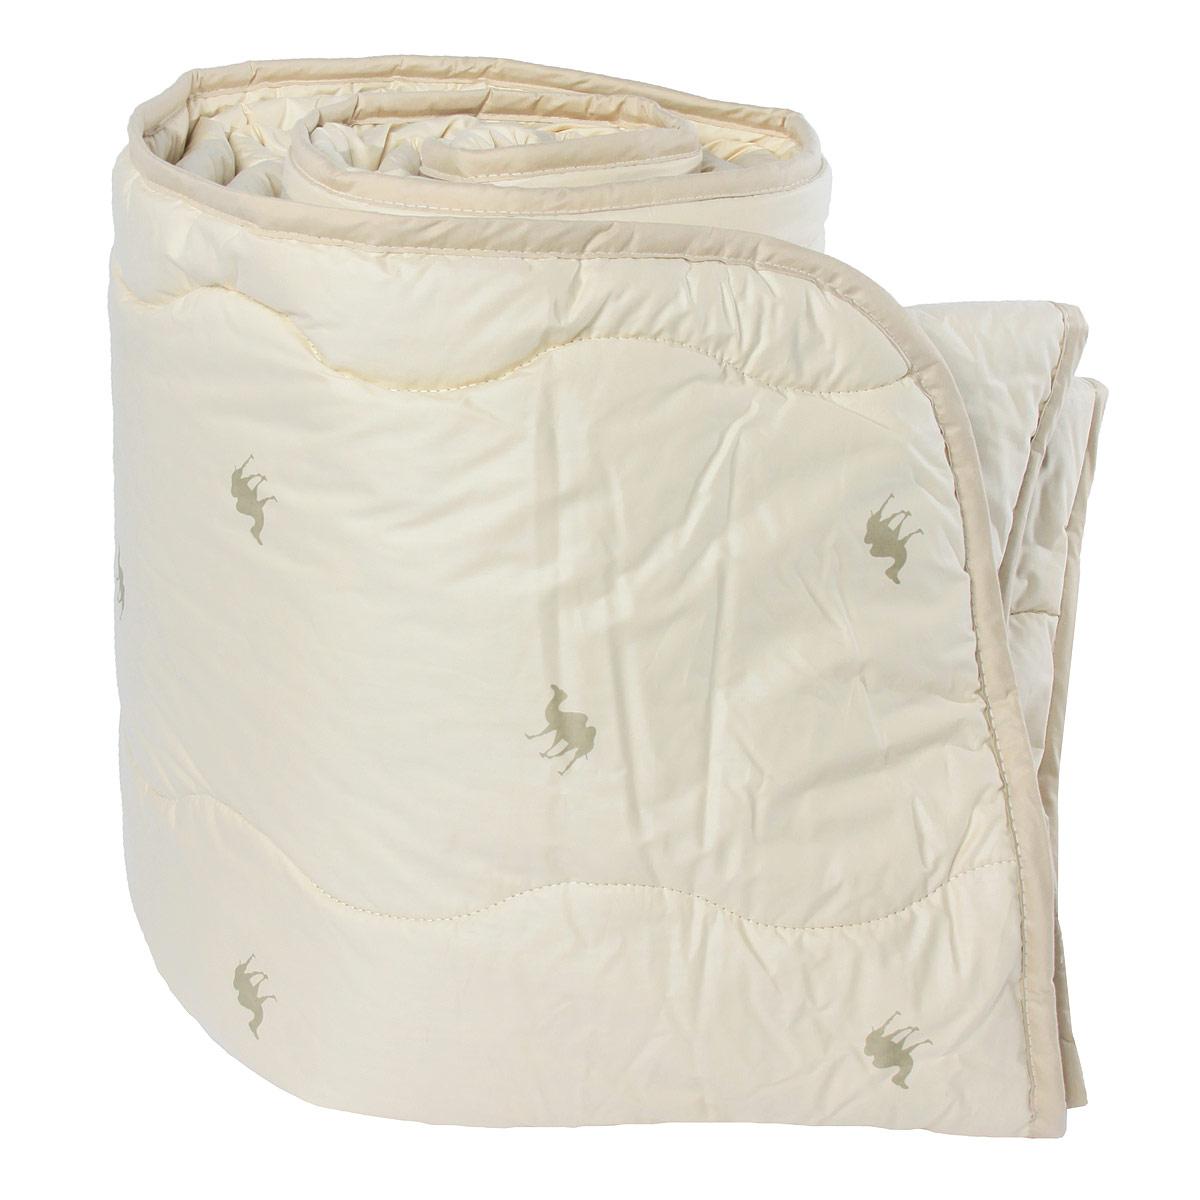 Одеяло Verossa, наполнитель: верблюжья шерсть, 200 х 220 см170584Одеяло Verossa обеспечит вам здоровый сон и комфорт.Для изготовления одеяла в качестве наполнителя используется натуральная верблюжья шерсть. Верблюжья шерсть обладает высокой гигроскопичностью, создавая эффект сухого тепла. Волокно верблюжьей шерсти полые внутри, образуют пласт, содержащий множество воздушных кармашков, которые равномерно сохраняют и распределяют тепло, обеспечивая естественную терморегуляцию в жару и холод. Верблюжья шерсть обладает рядом уникальных лечебных свойств, благодаря которым расширяются сосуды, усиливается микроциркуляция крови. Шерсть снимает статическое напряжение, благоприятно воздействует на оппорно-двигательный аппарат.Одеяло упаковано в прозрачный пластиковый чехол на змейке с ручкой, что является чрезвычайно удобным при переноске. Характеристики: Материал чехла: 100% хлопок. Наполнитель: 100% верблюжья шерсть. Масса наполнителя: 300 г/м2. Размер одеяла: 200 см х 220 см. Артикул: 170584.